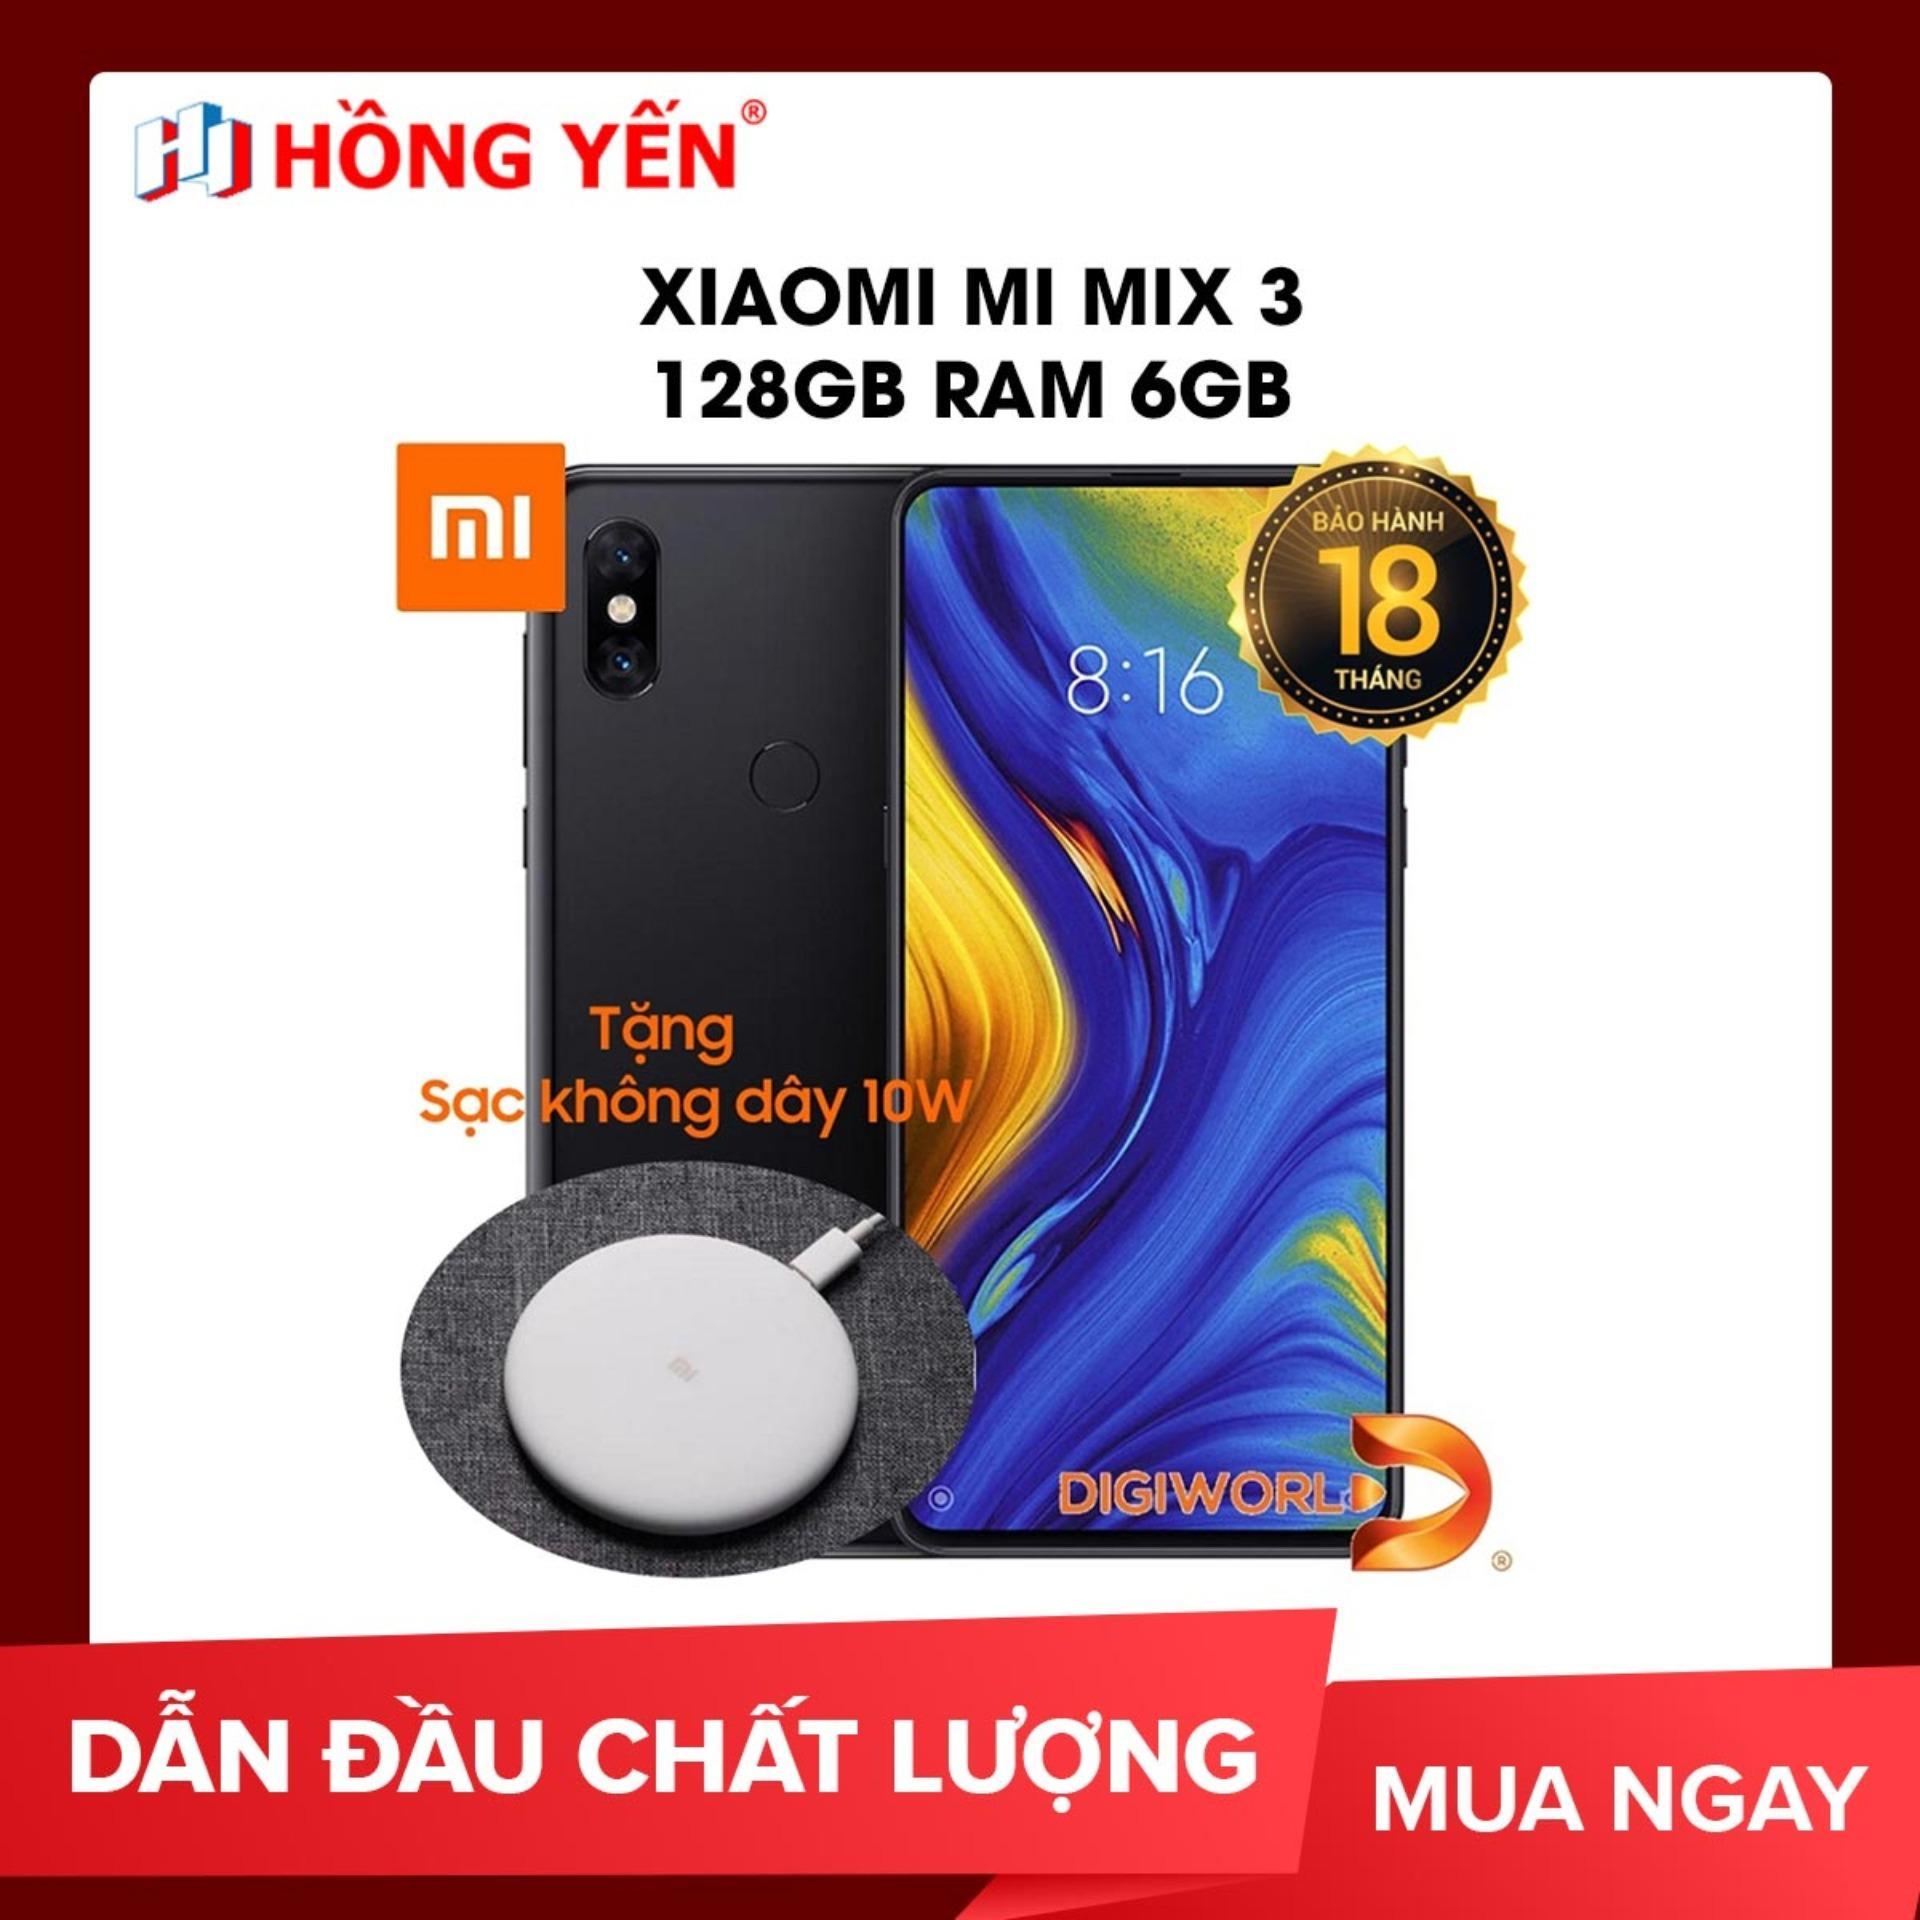 Xiaomi Mi Mix 3 128GB Ram 6GB - Hãng phân phối chính thức